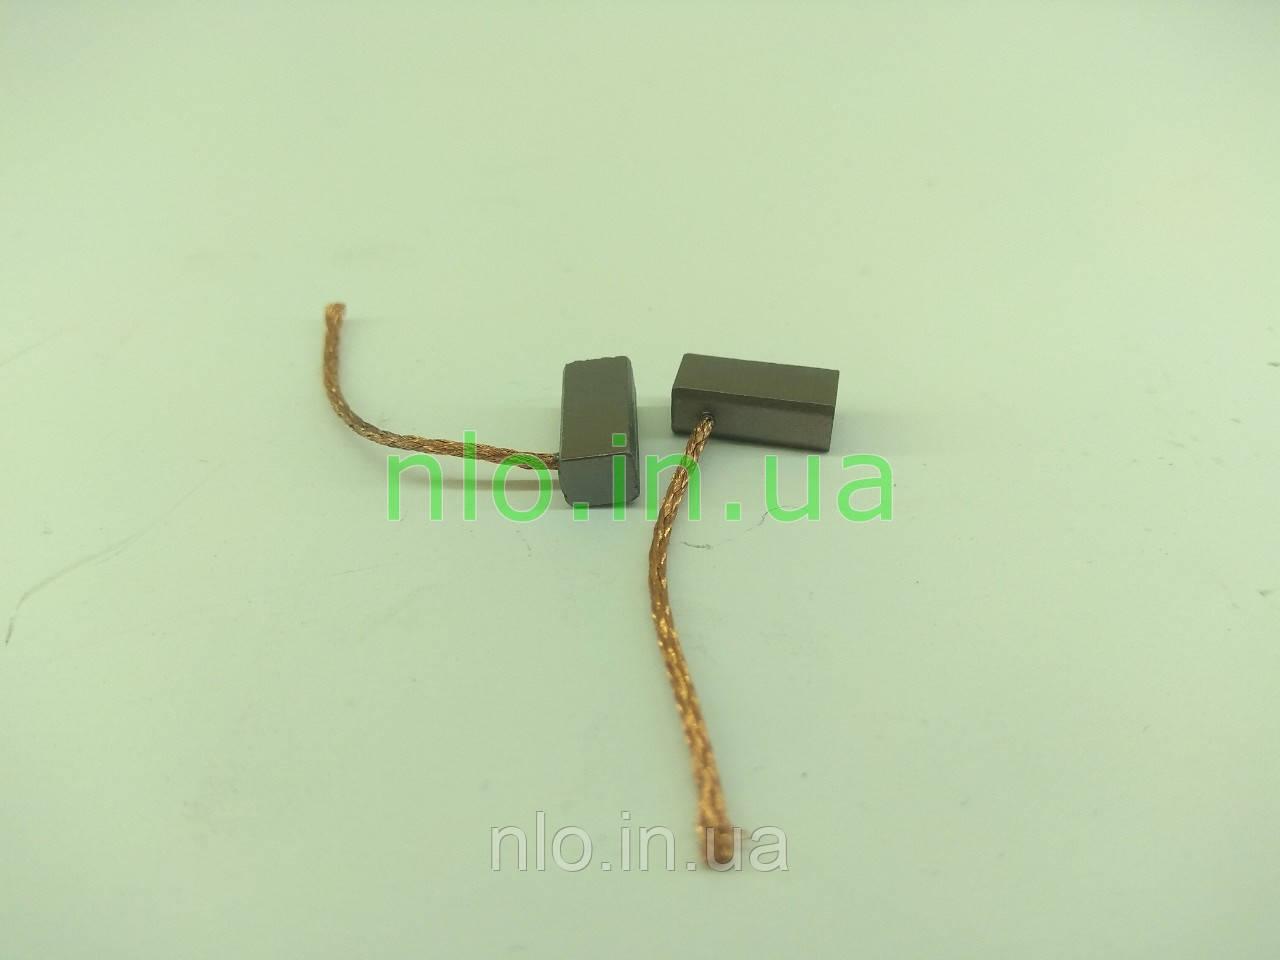 Щетки меднографитовые 5х6х13 провод 38 мм